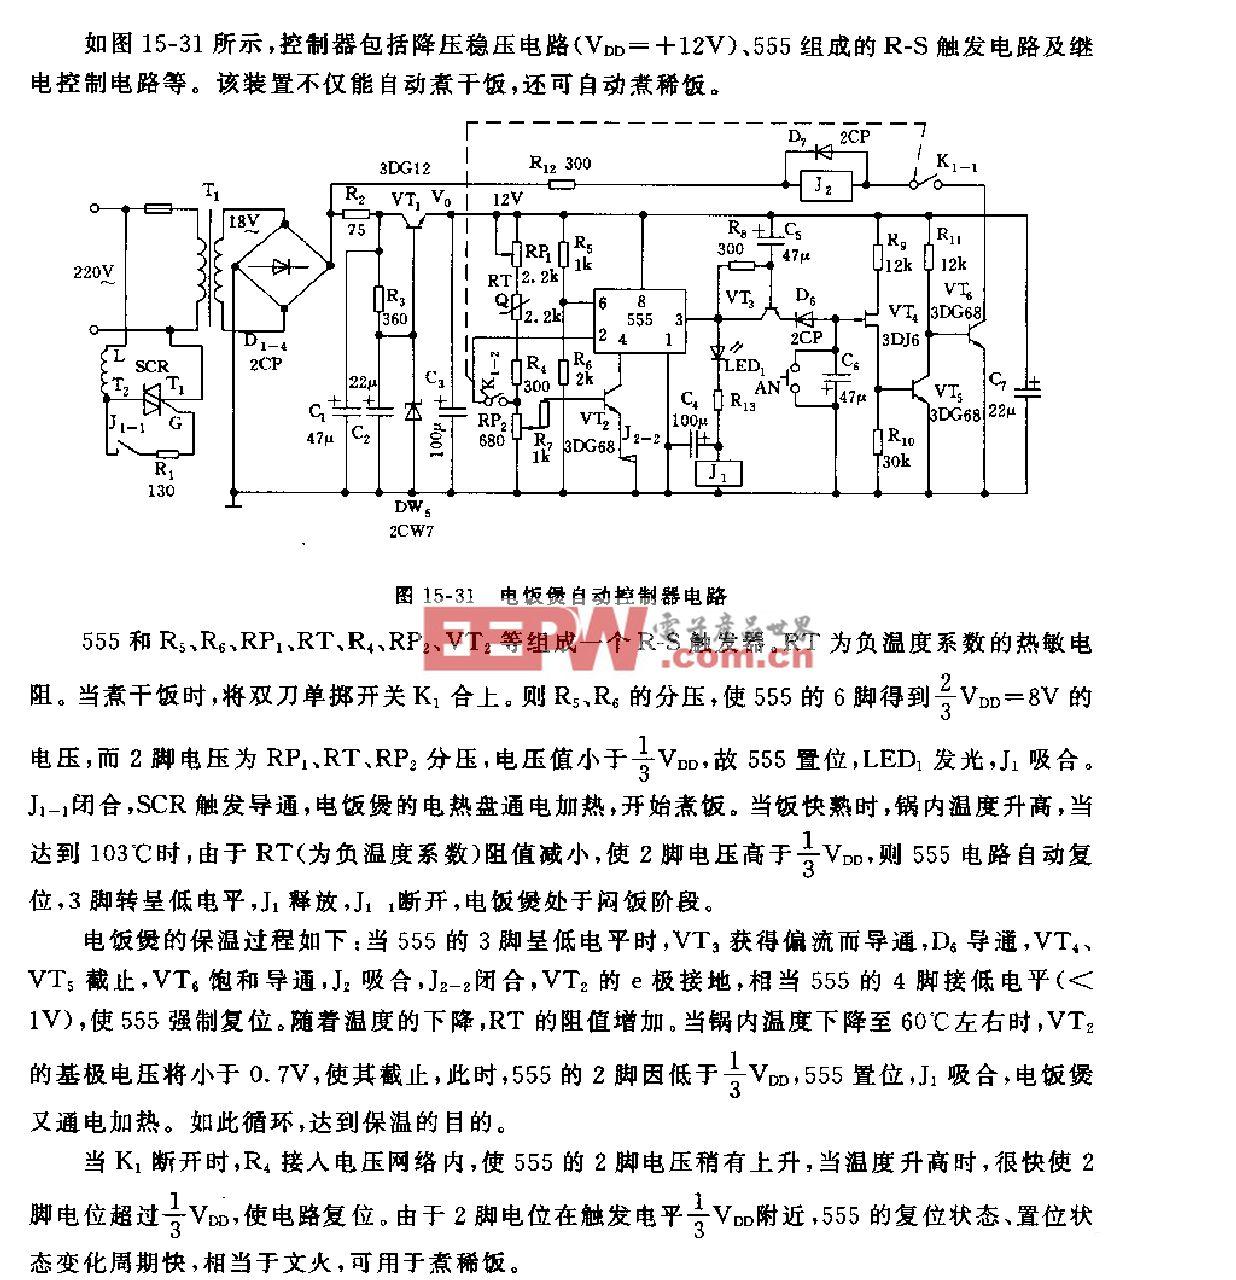 555电饭煲自动控制器电路